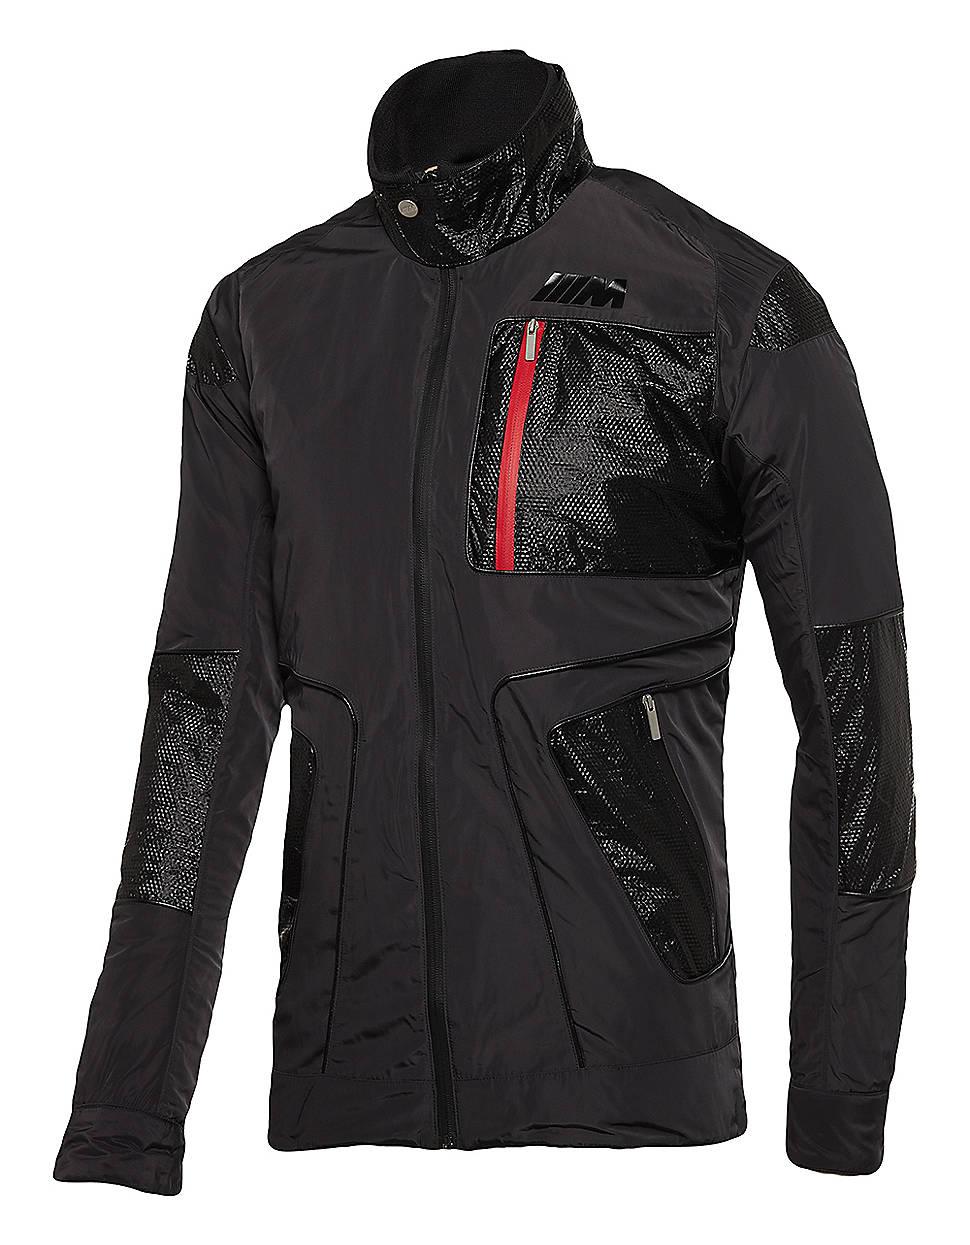 puma bmw jacket in black for men lyst. Black Bedroom Furniture Sets. Home Design Ideas